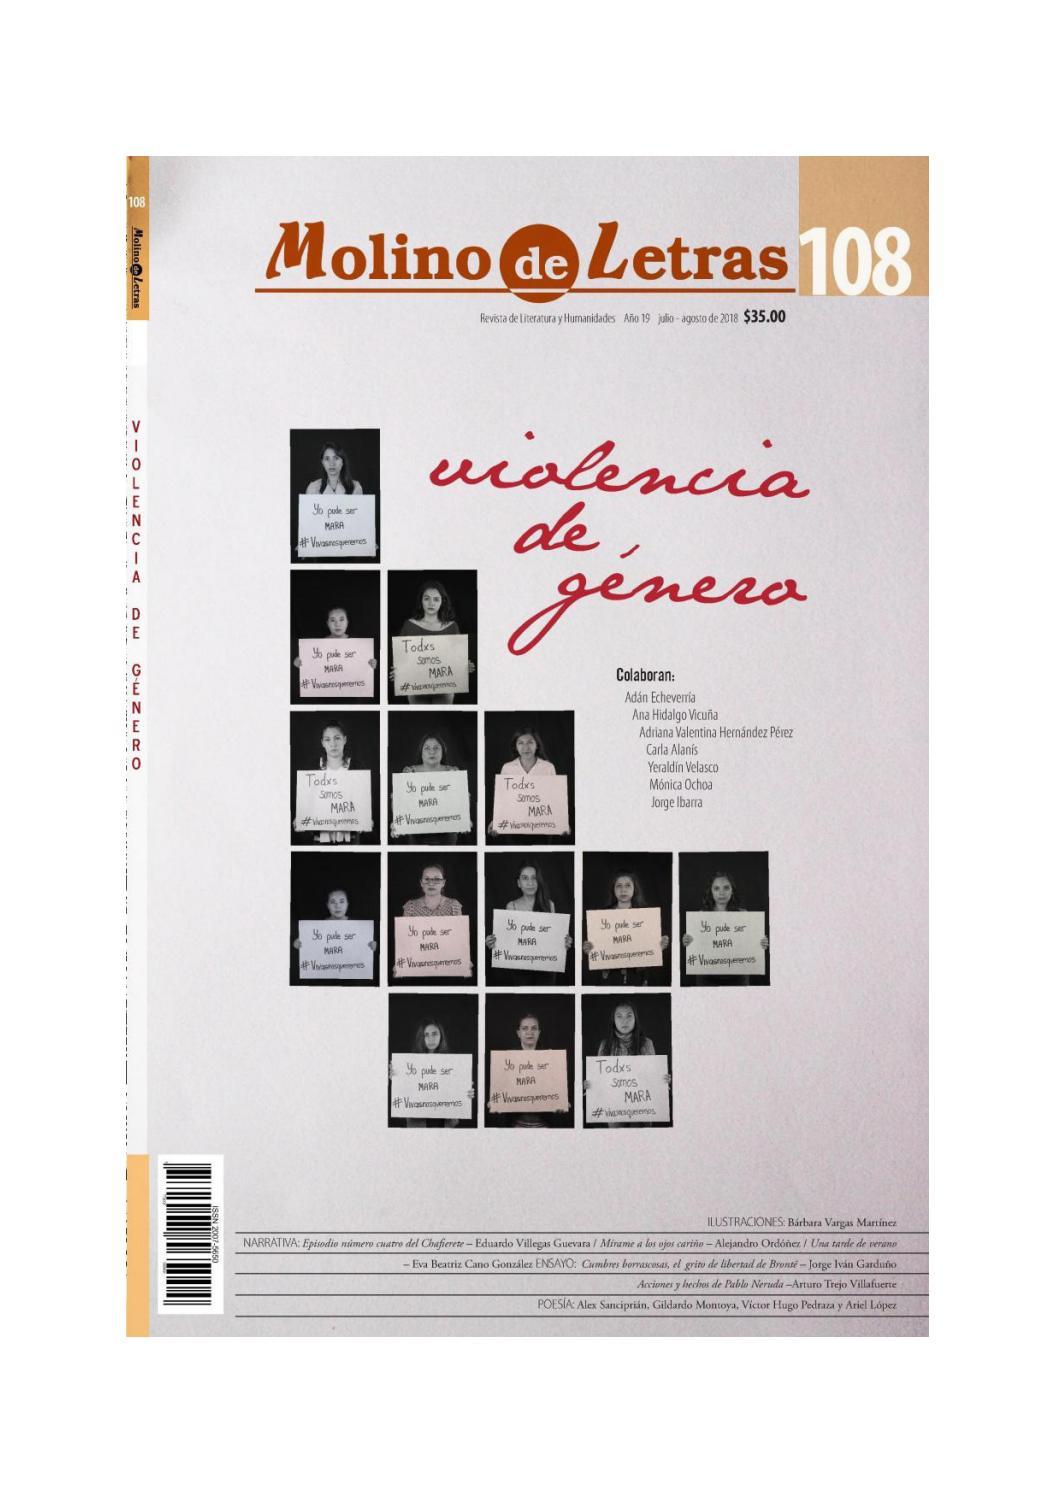 Molino de letras 108: Violencia de género by Molino Letras - issuu